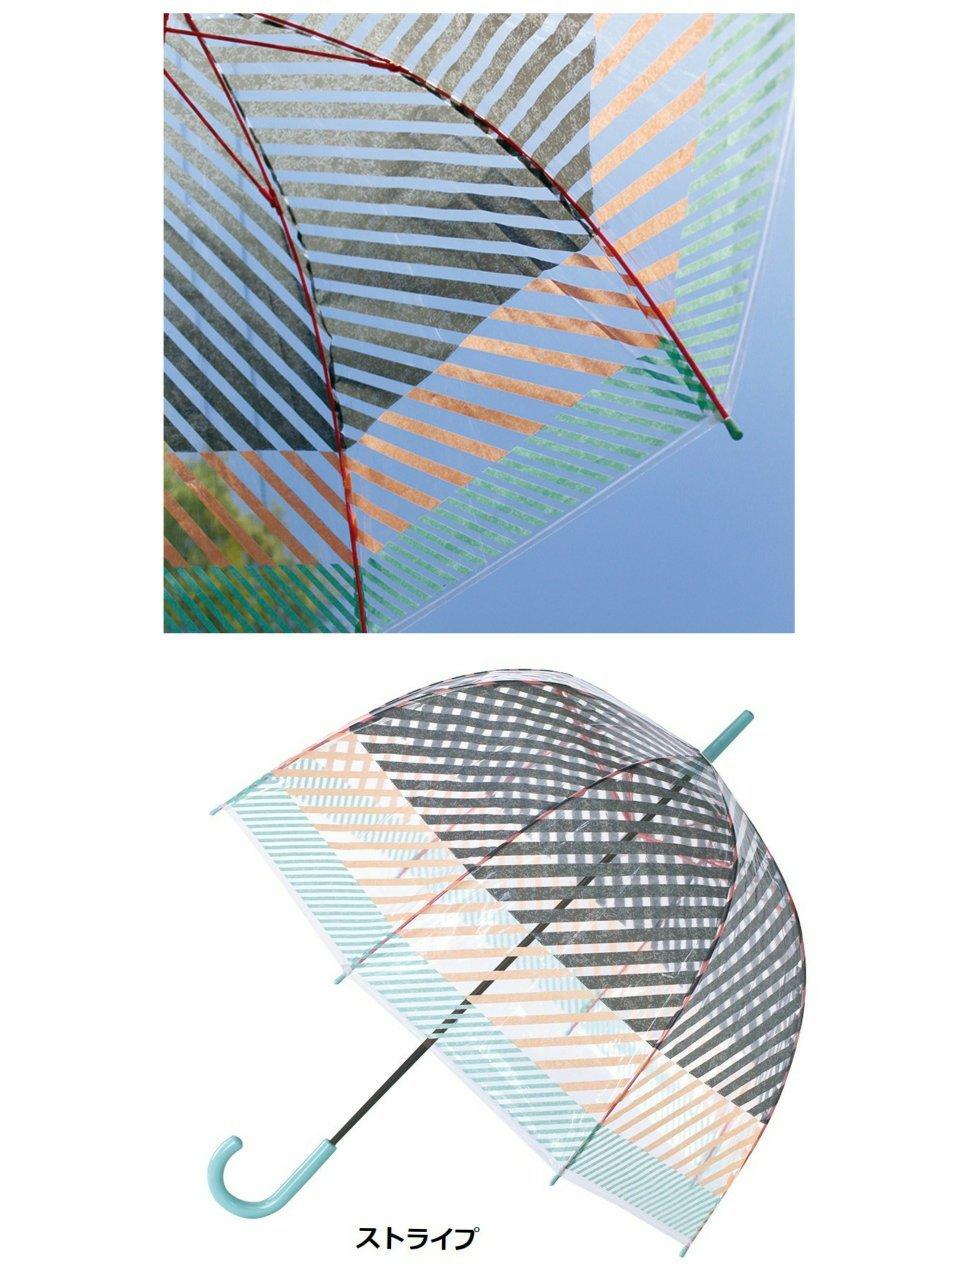 ドーム型のビニール傘_f0255704_18083926.jpg